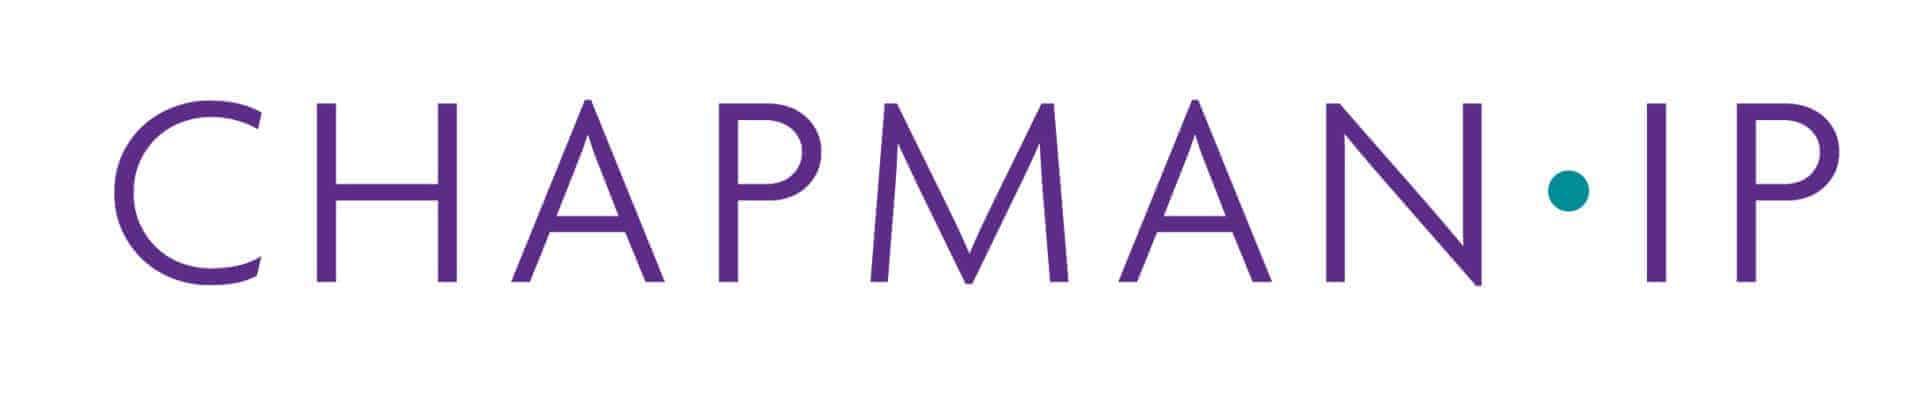 Chapman IP